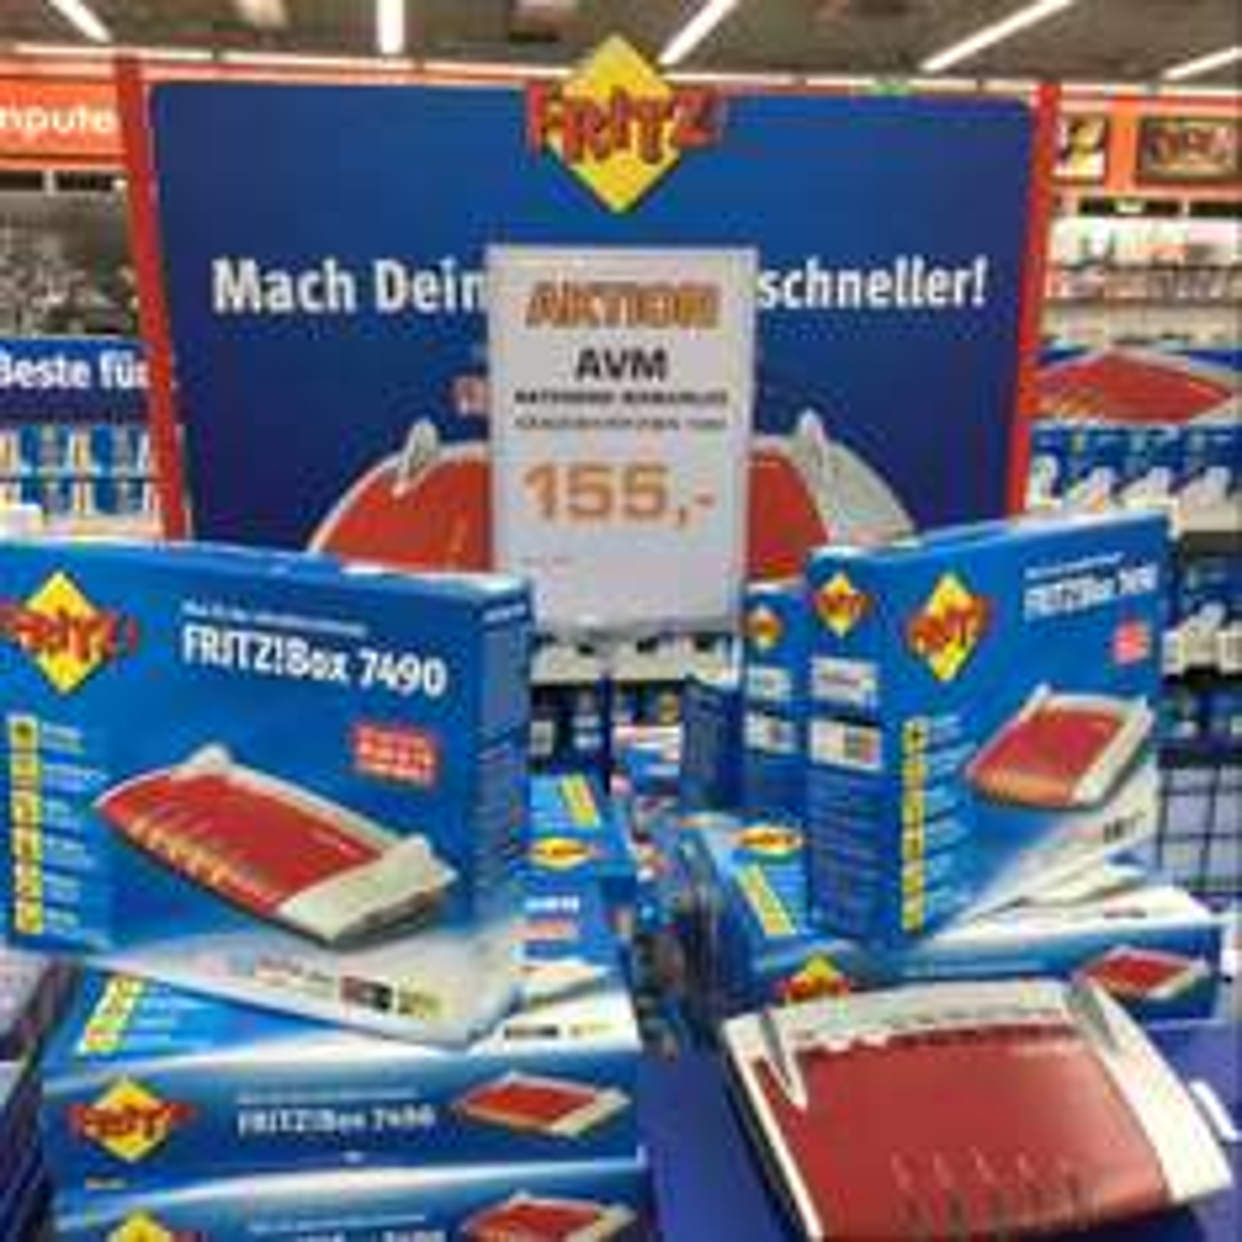 AVM Fritzbox 7490 [Lokal Wuppertal]